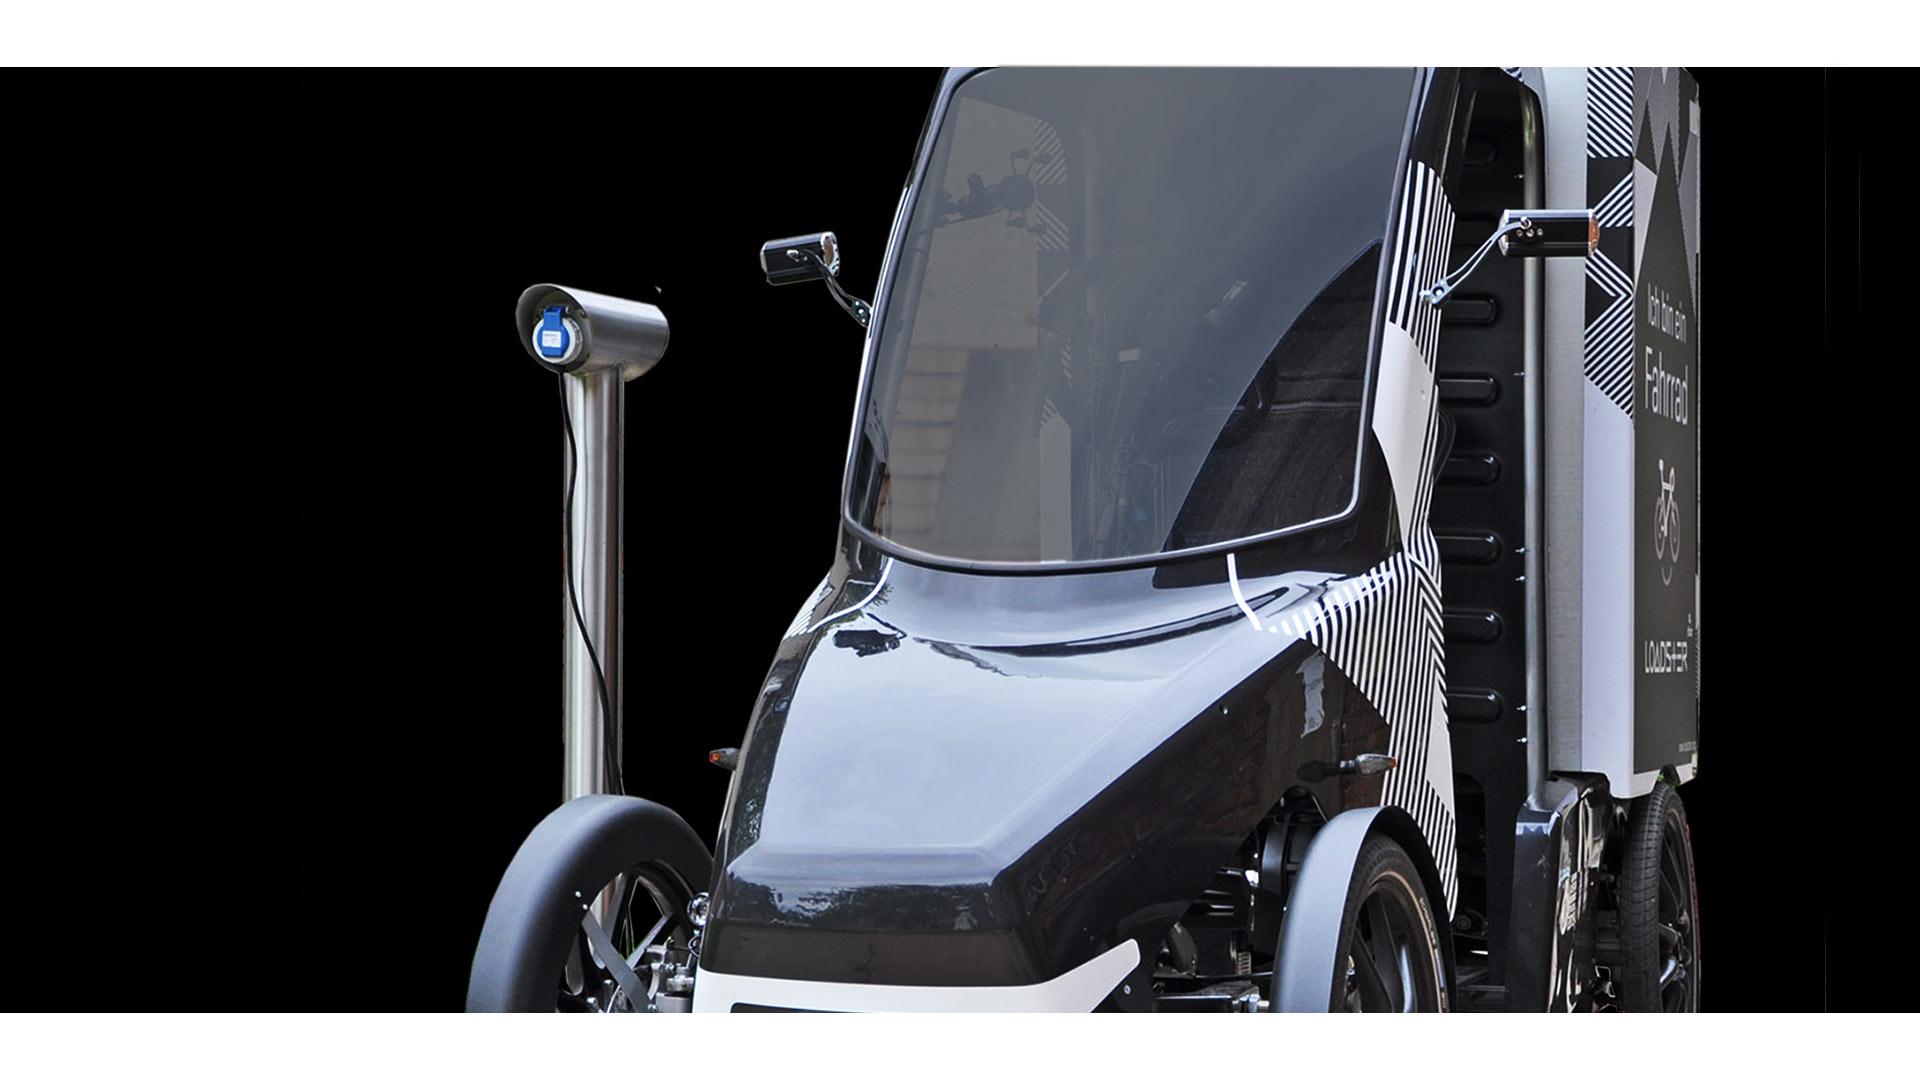 micromobiles laden von Elektorfahrzeugen